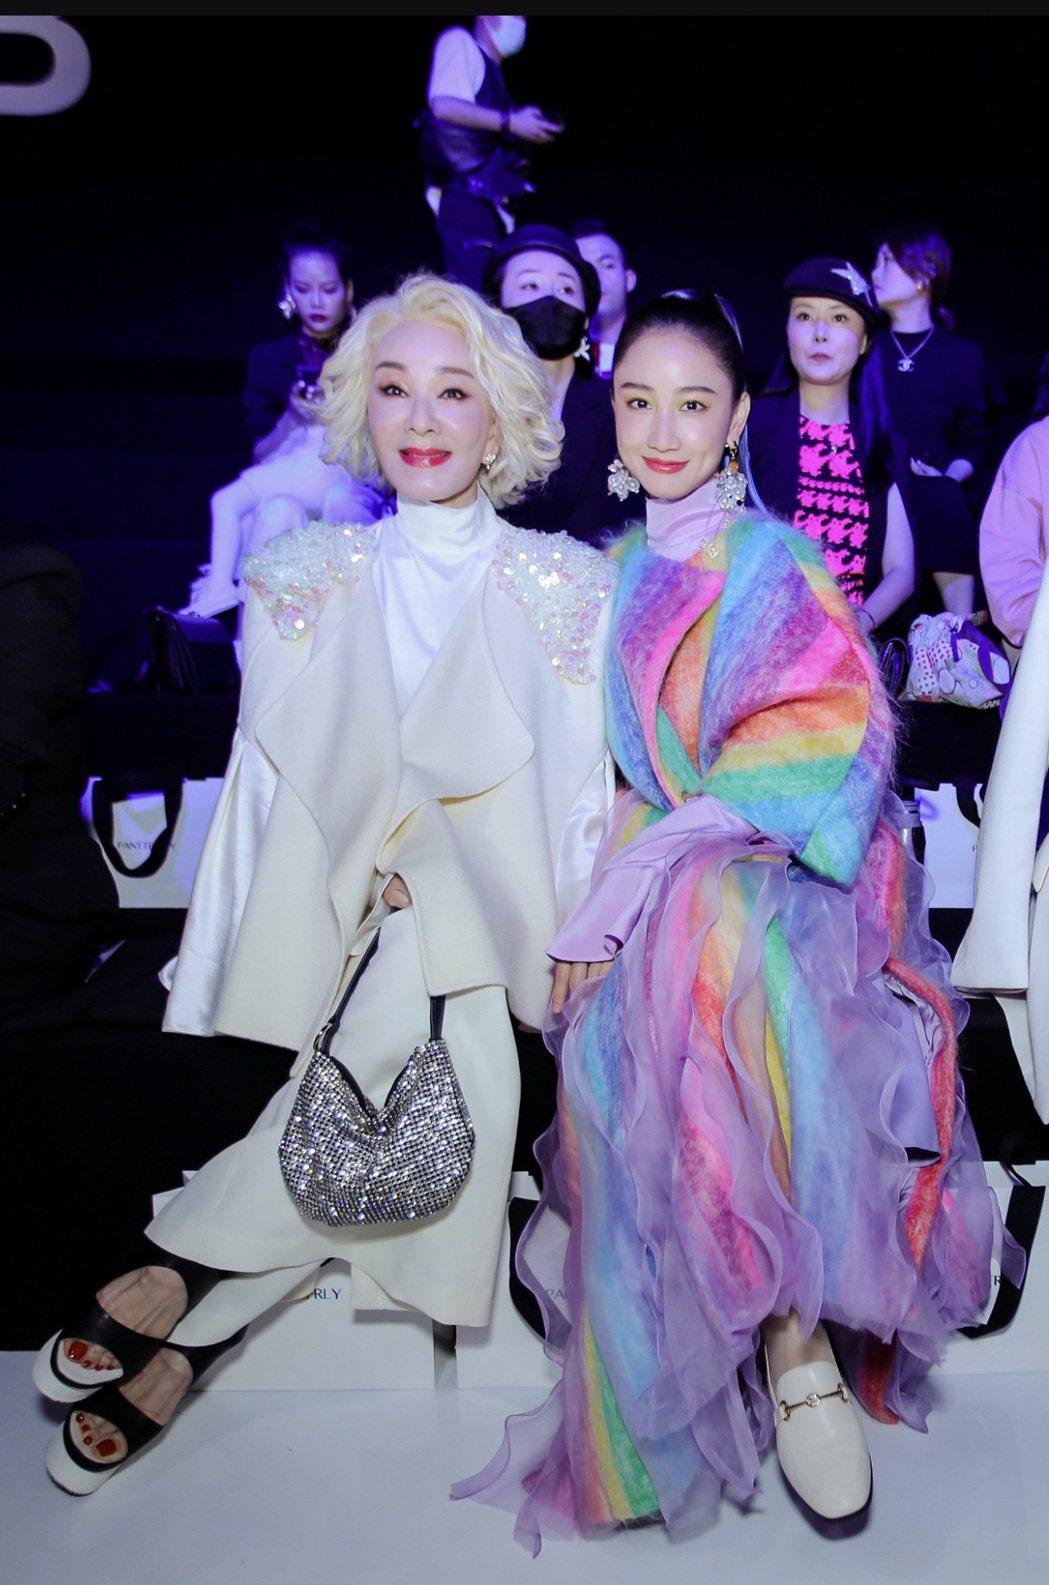 今年72歲的夏台鳳(左)在大陸出席時尚活動,一頭銀白髮色氣質身材依舊。圖/摘自微